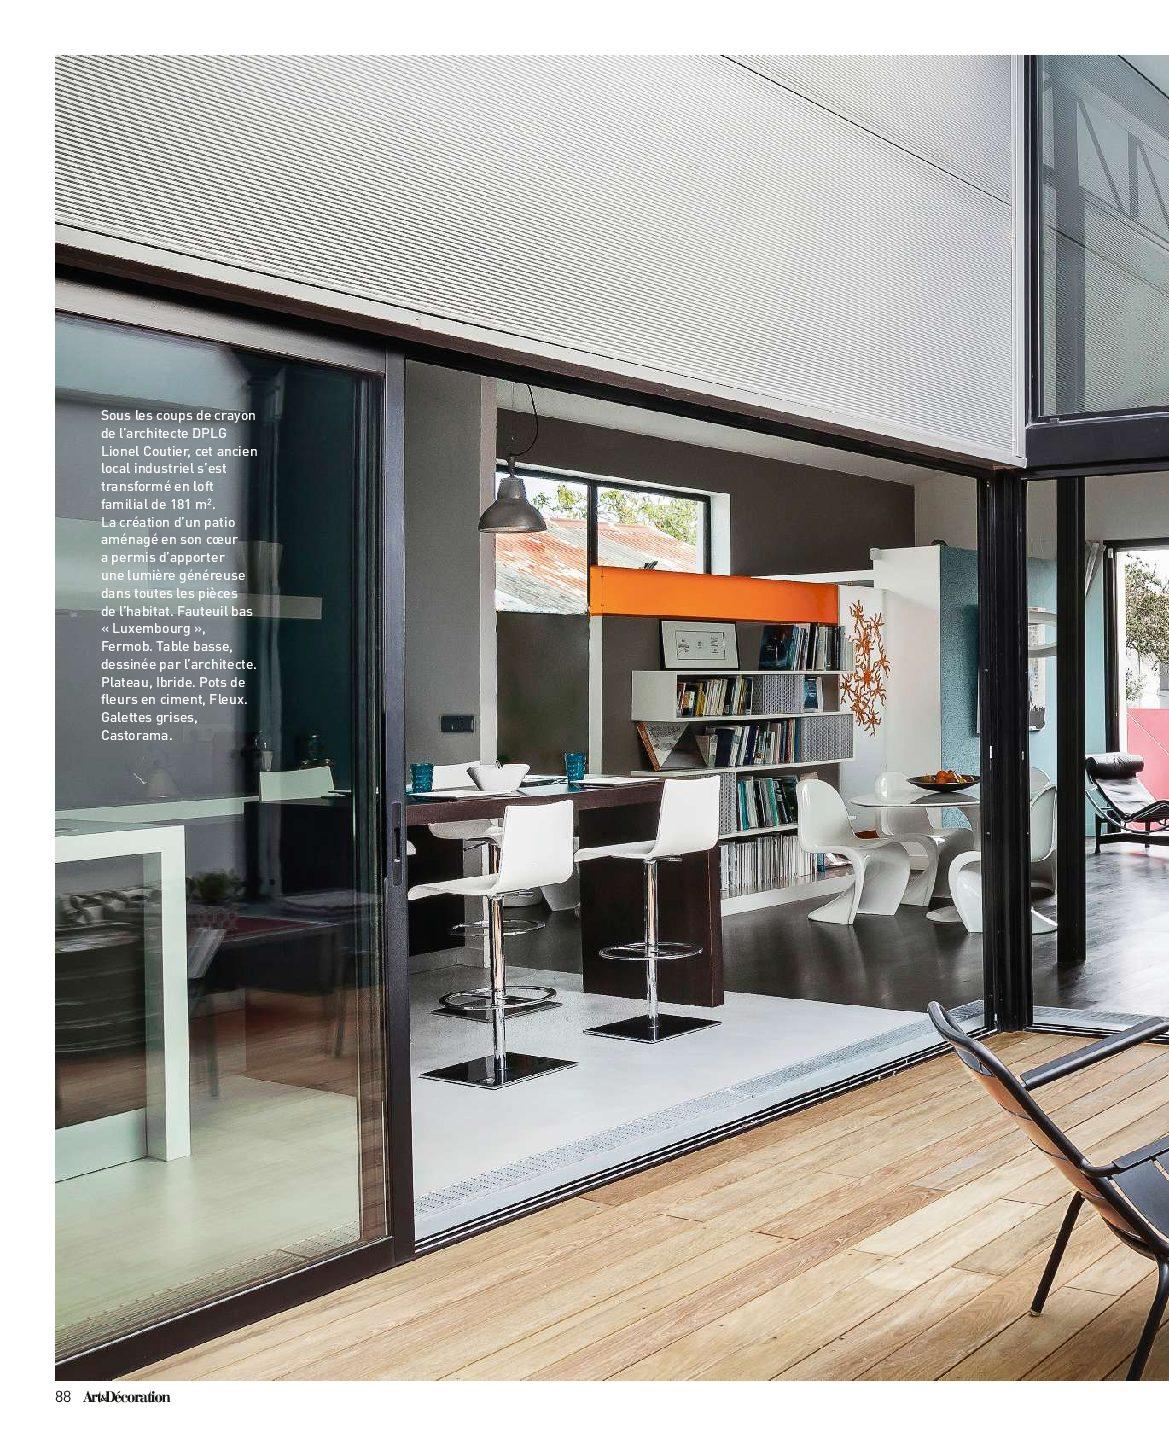 Decoratrice Interieur La Rochelle on parle de nous - lionel coutier architecte agence la rochelle